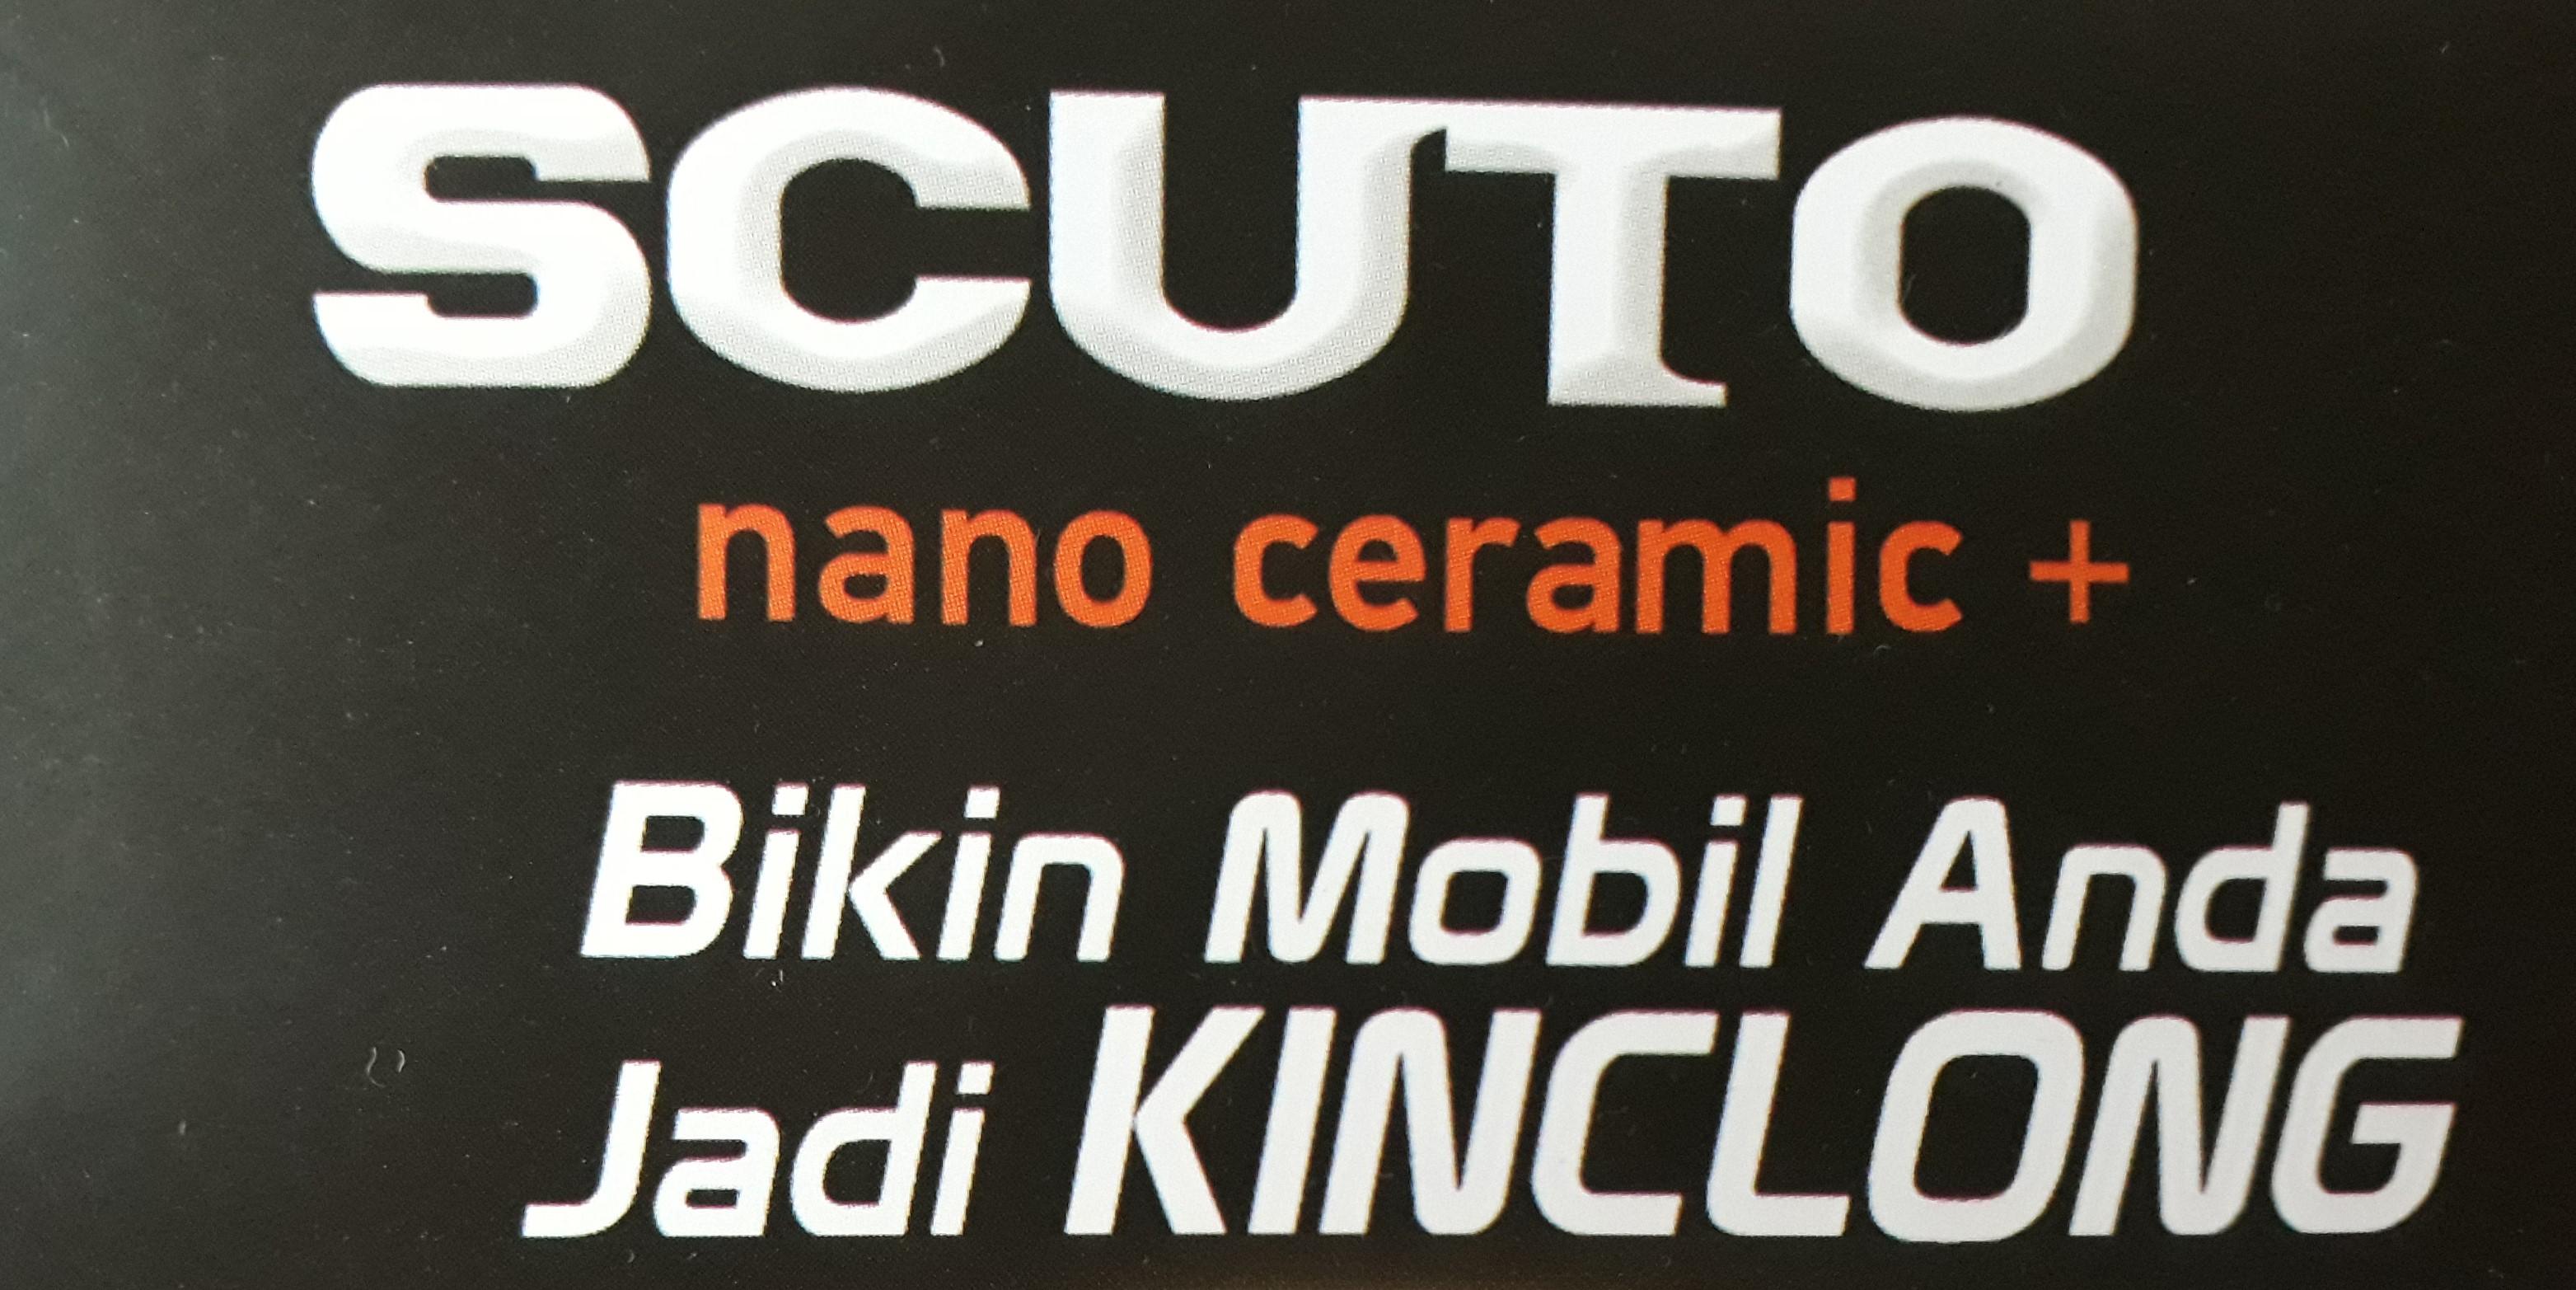 Hadir di Kotamobagu, Scuto Nano Ceramic Bikin Mobil Jadi Kinclong